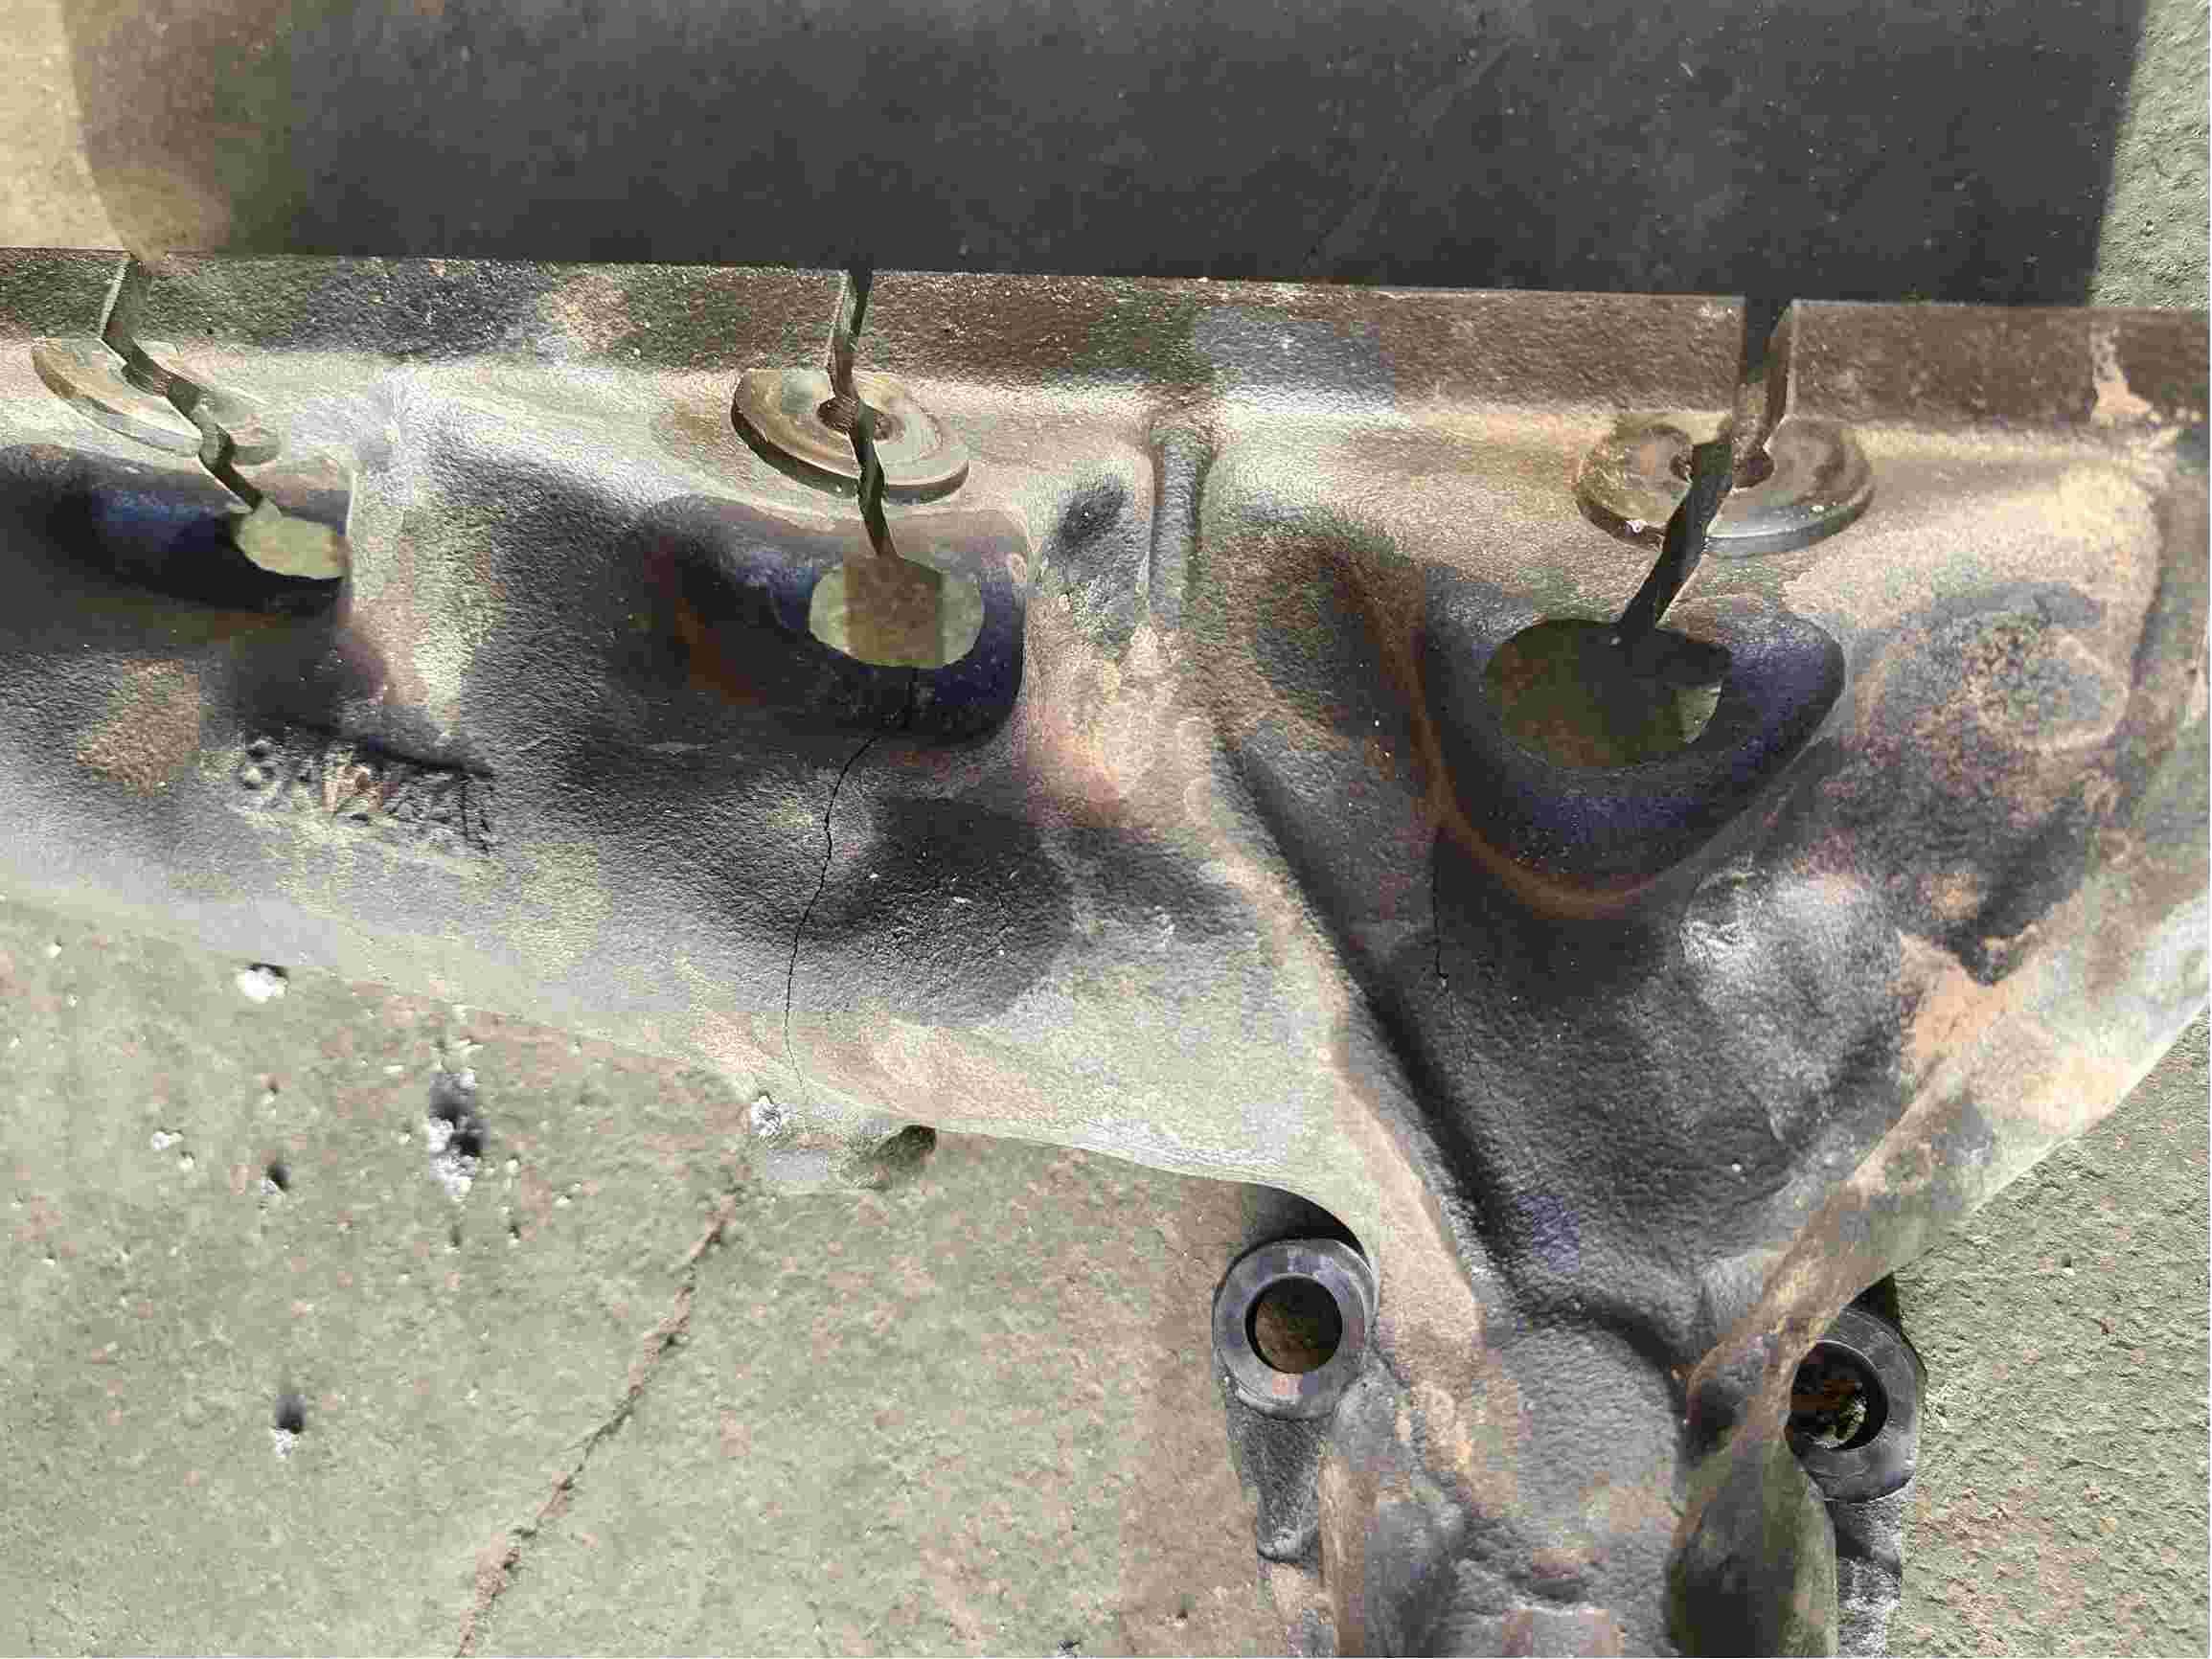 排气管支架破裂,车身异响